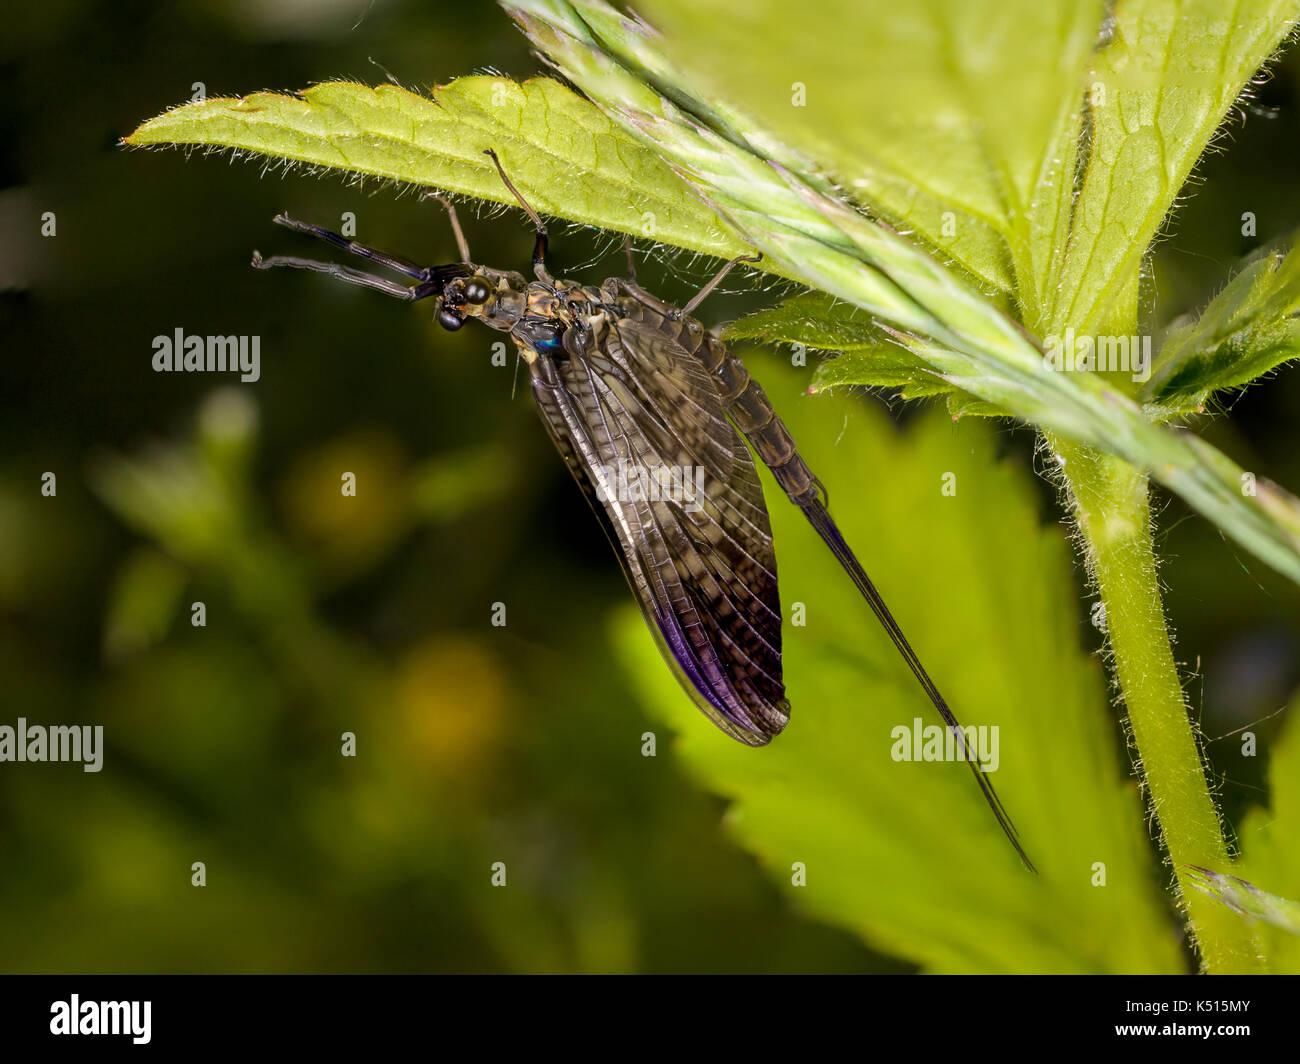 mayfly Ephemera  vulgata shadflies Ephemeroptera - Stock Image